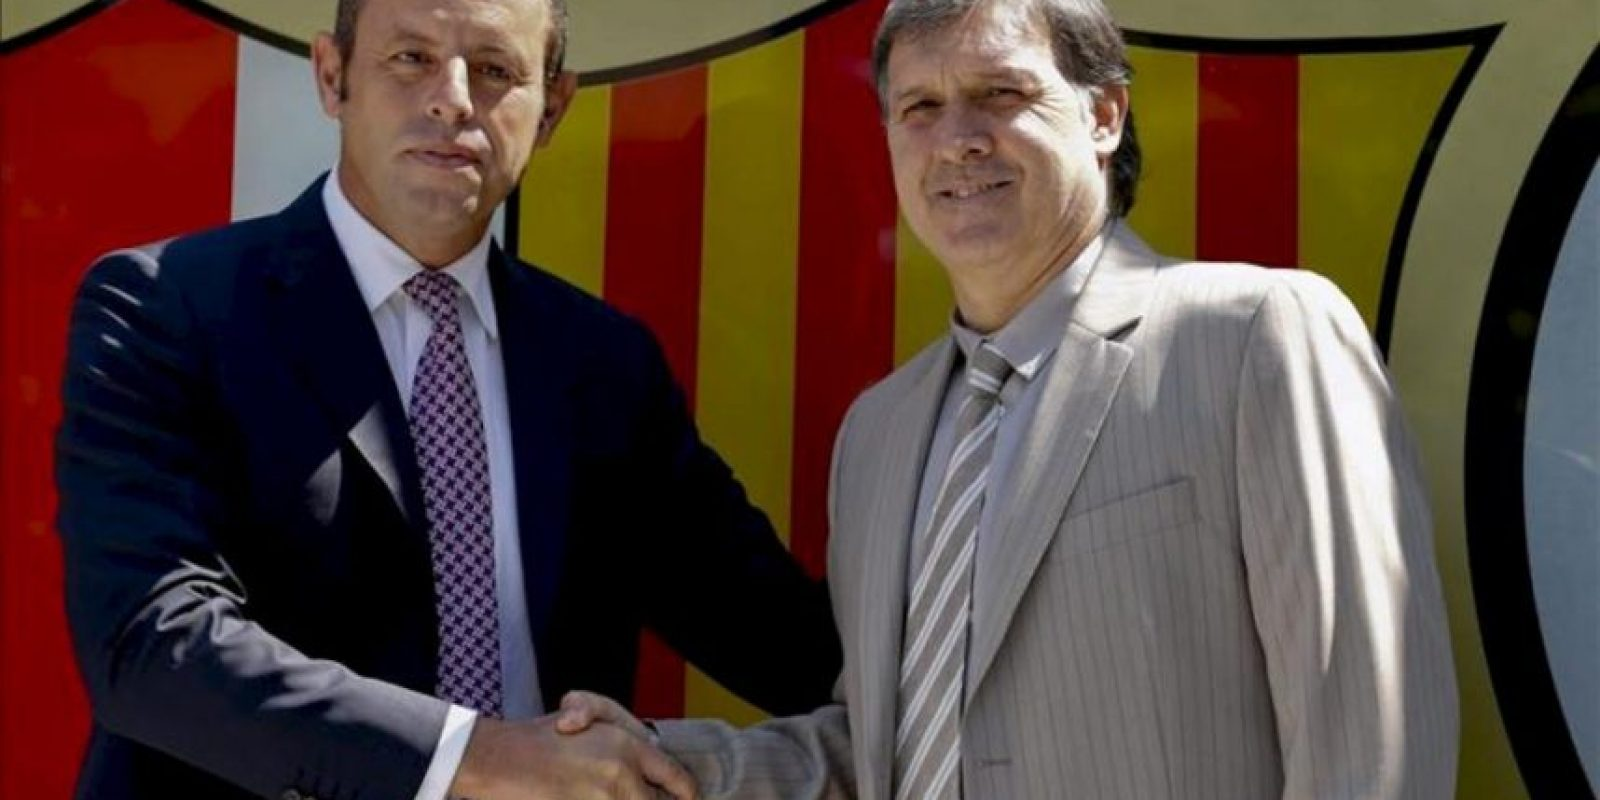 El nuevo entrenador del FC Barcelona, Gerardo 'Tata' Martino (d), acompañado por el presidente azulgrana, Sandro Rosell, esta mañana en el Camp Nou, durante su presentación como nuevo técnico del club para las dos próximas temporadas. EFE